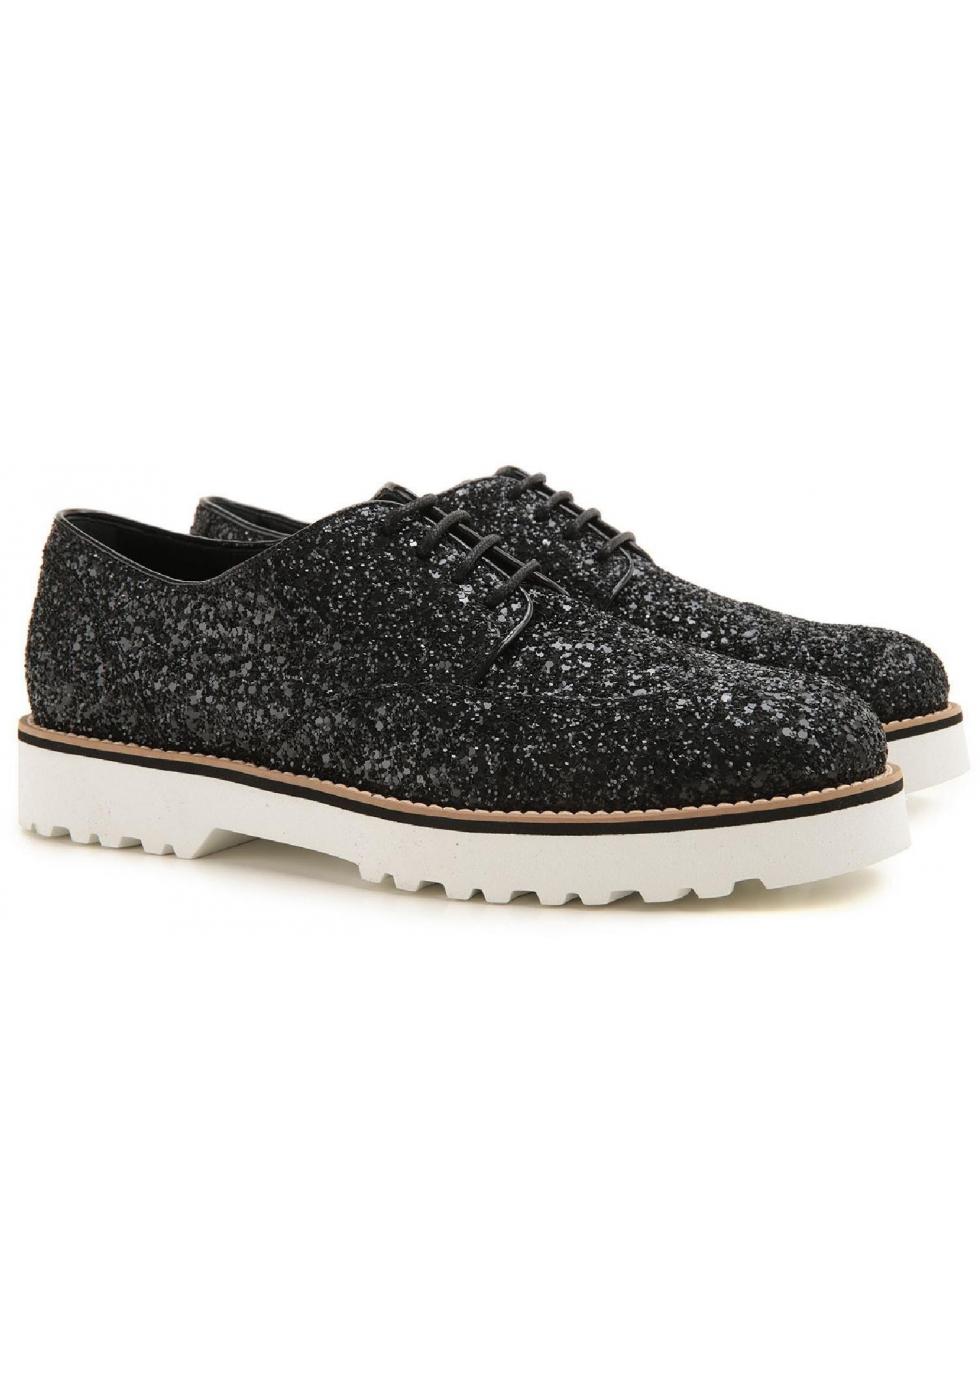 5a56d816dfe09 Chaussures à lacets Hogan femme en cuir et paillettes - Italian Boutique